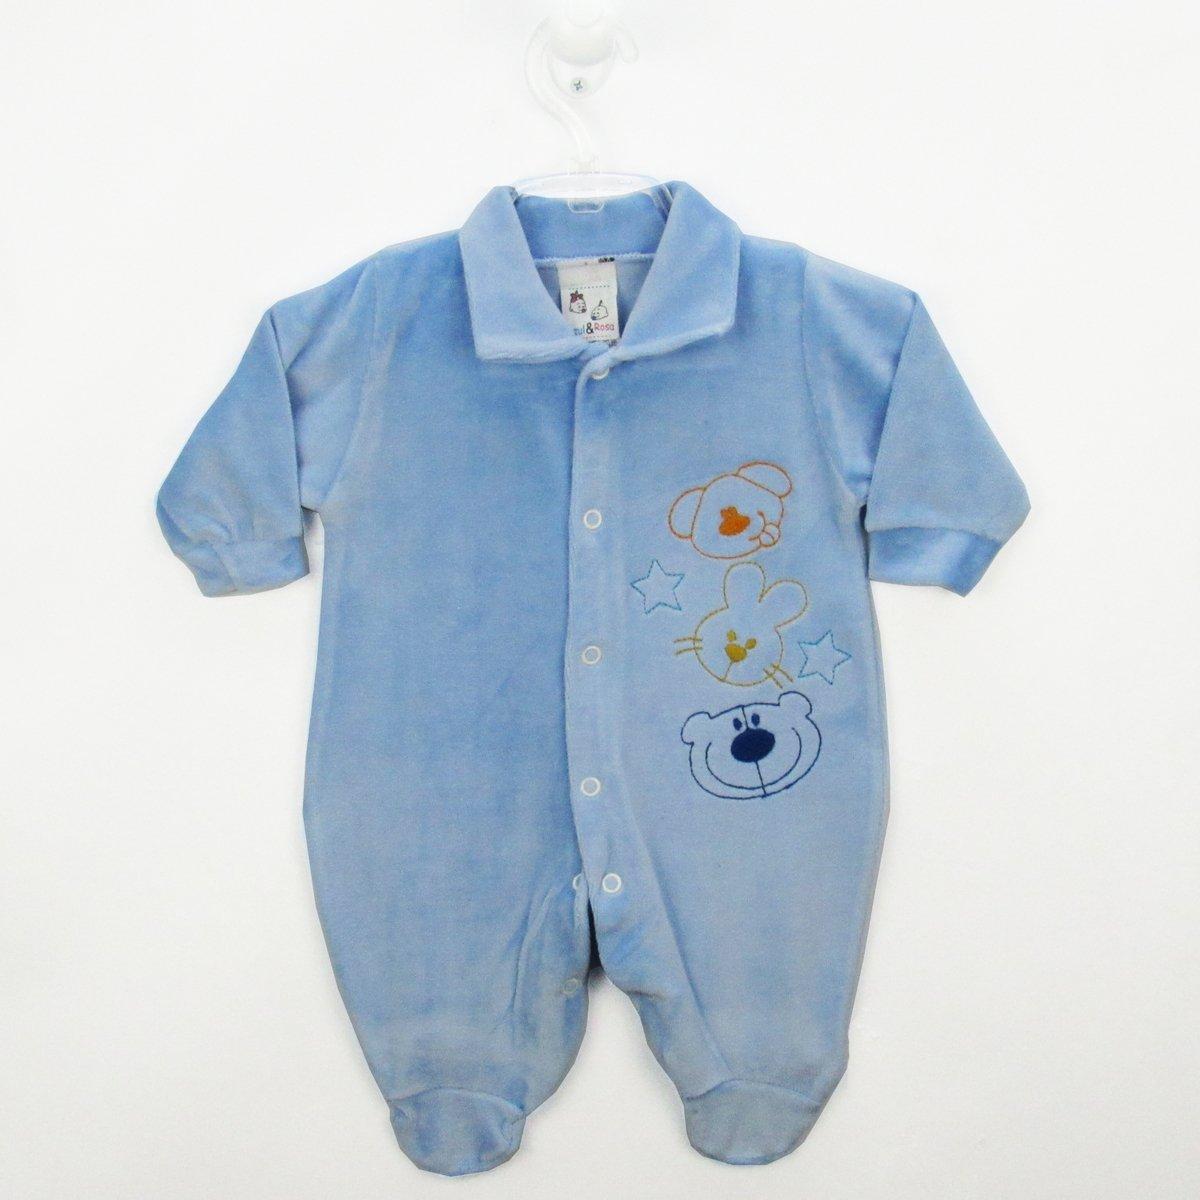 2032b53b5e3fa8 Macacão Bebê Masculino Longo Plush Bordado Azul Claro Bichinhos-RN - Azul